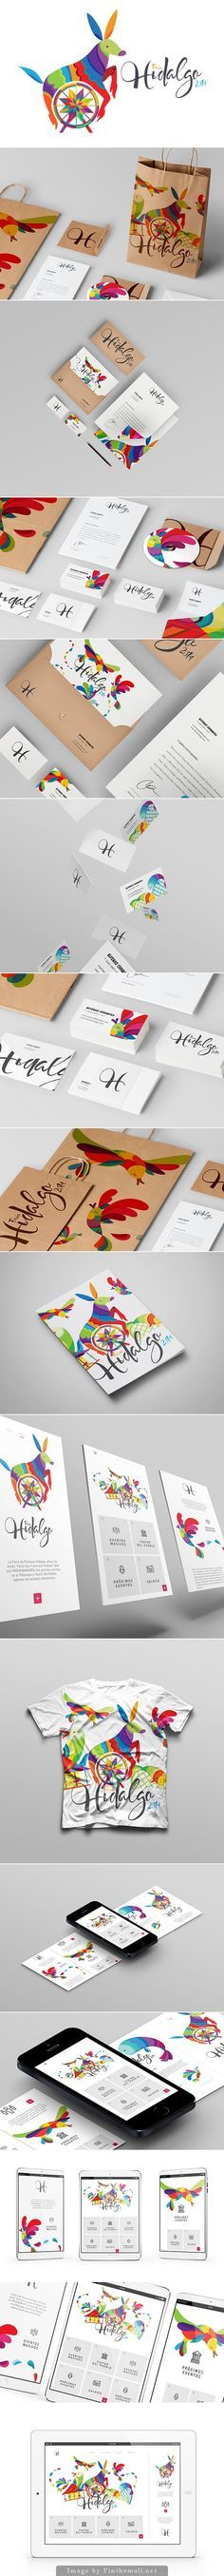 Que bonito encontrar diseños tan profesionales para mi querido estado! Hace mucho que no veía algo así para Hidalgo. Felicidades